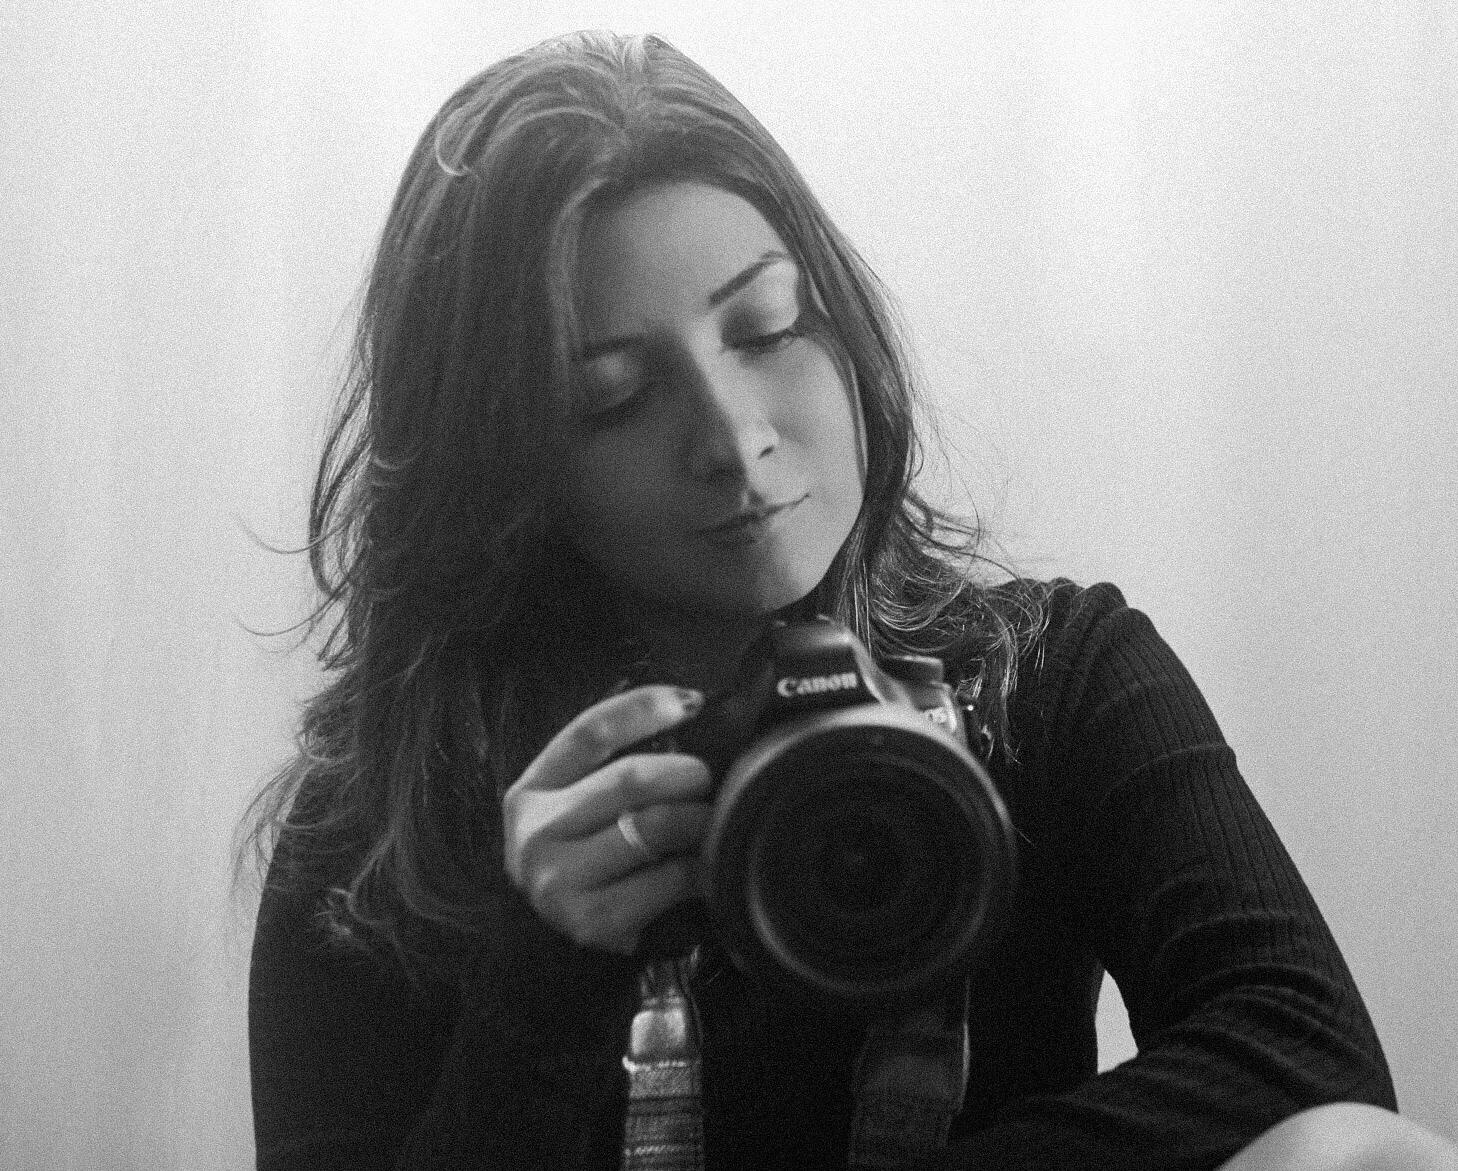 Contate Duda Lima - Foto Studio